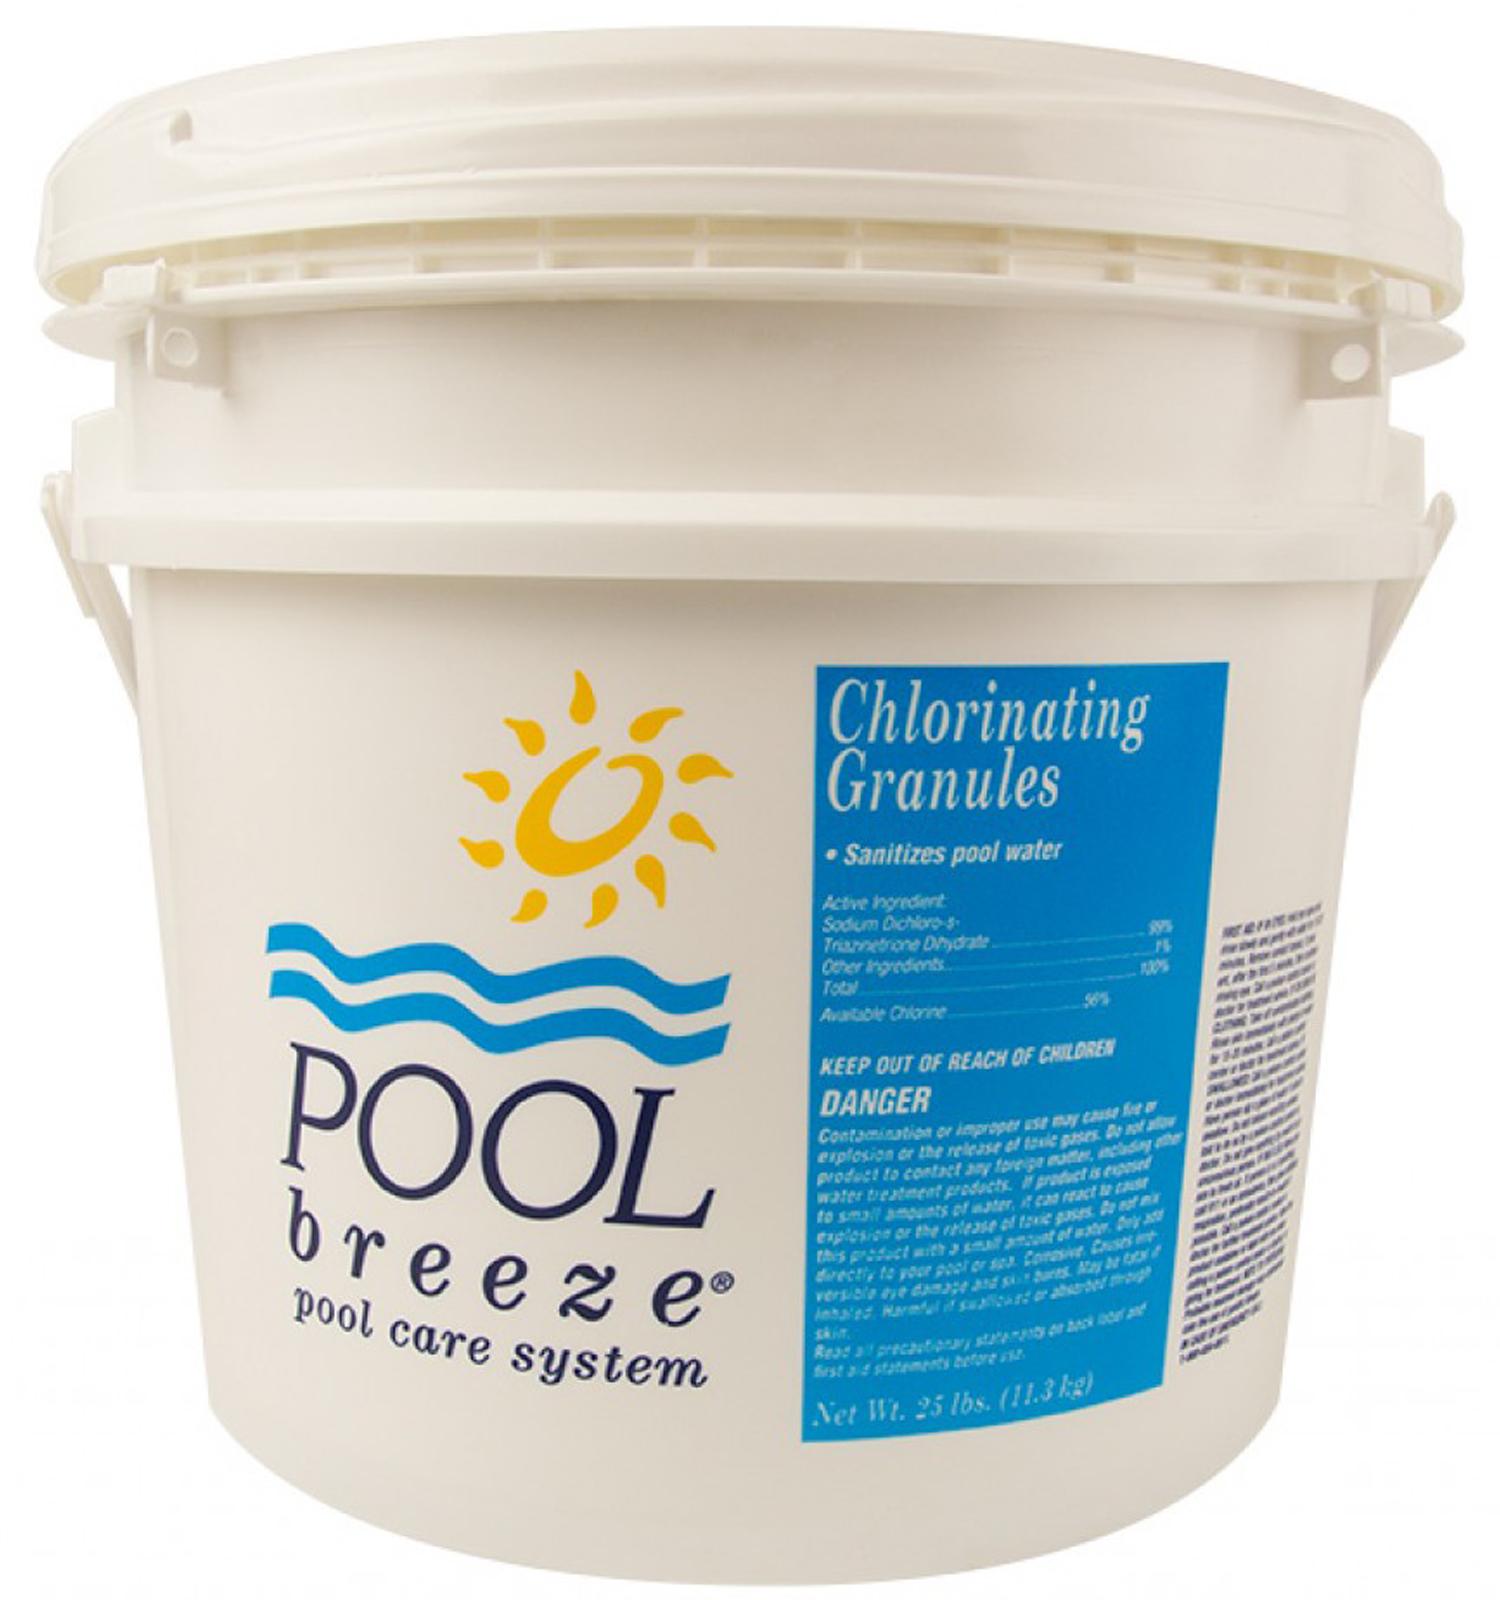 Pool Breeze Sodium Di Chlor Granular Swimming Pool Chlorine Chemical 25 Lbs Ebay